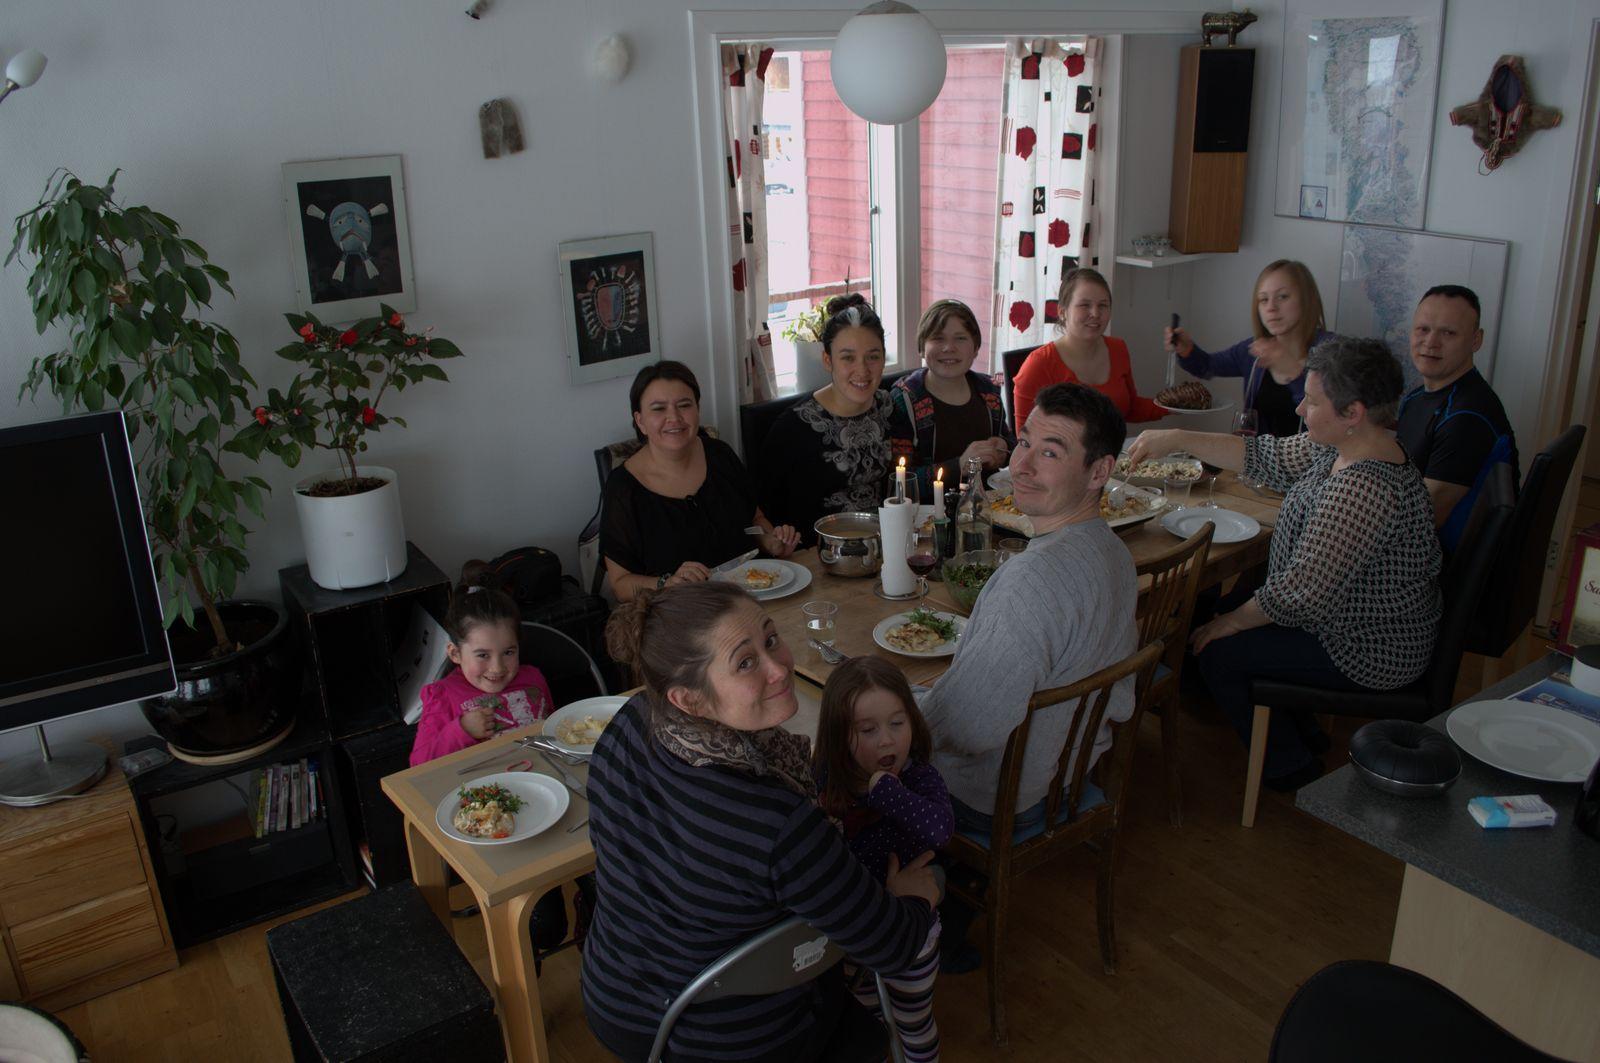 2014-04-17-1928_-_Anna-Hessler_Gode_1_Ivalo-Lynge-Labansen_Jesper-Eugenius-Labansen_Maritha-Eugenius-Labansen_Me